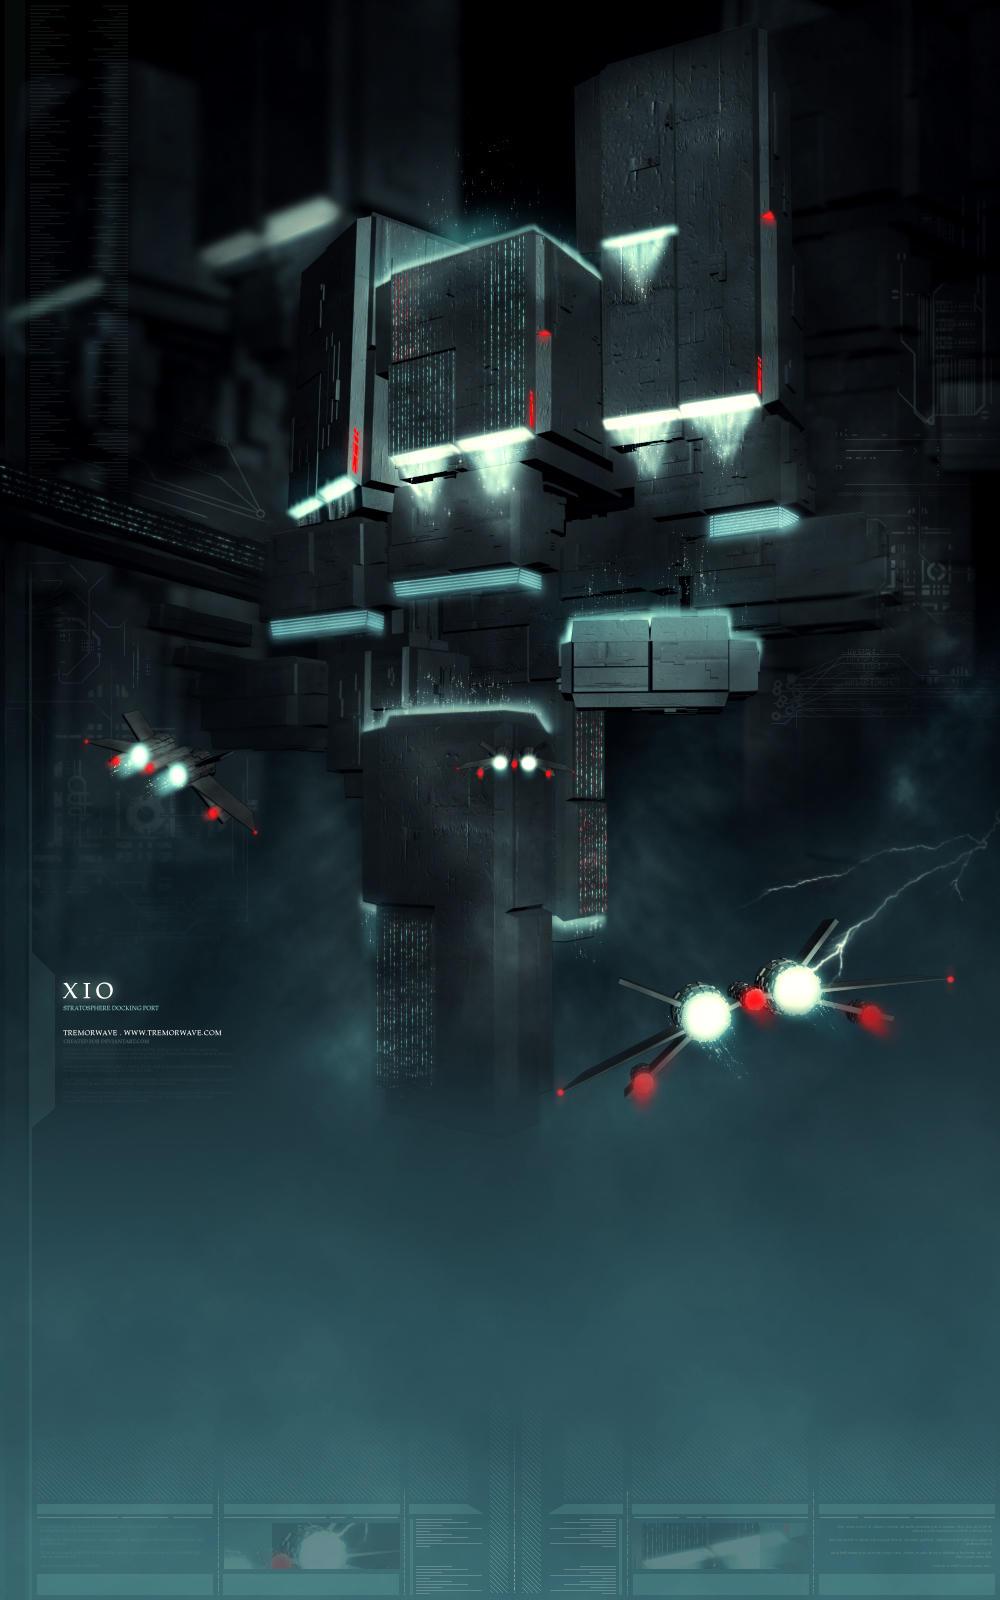 Xio by tremorwave